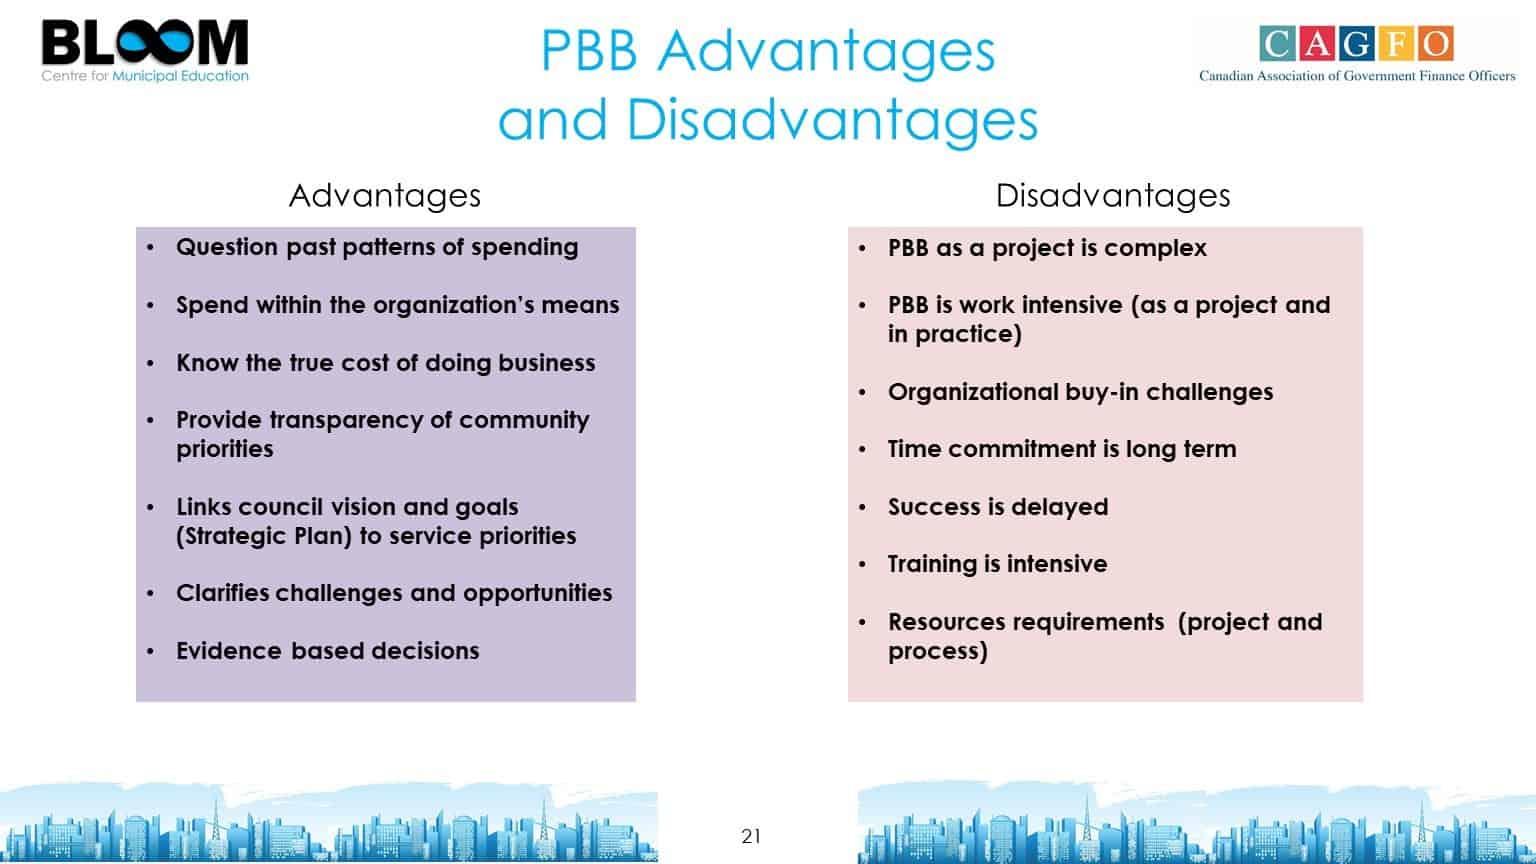 PBB Advantages